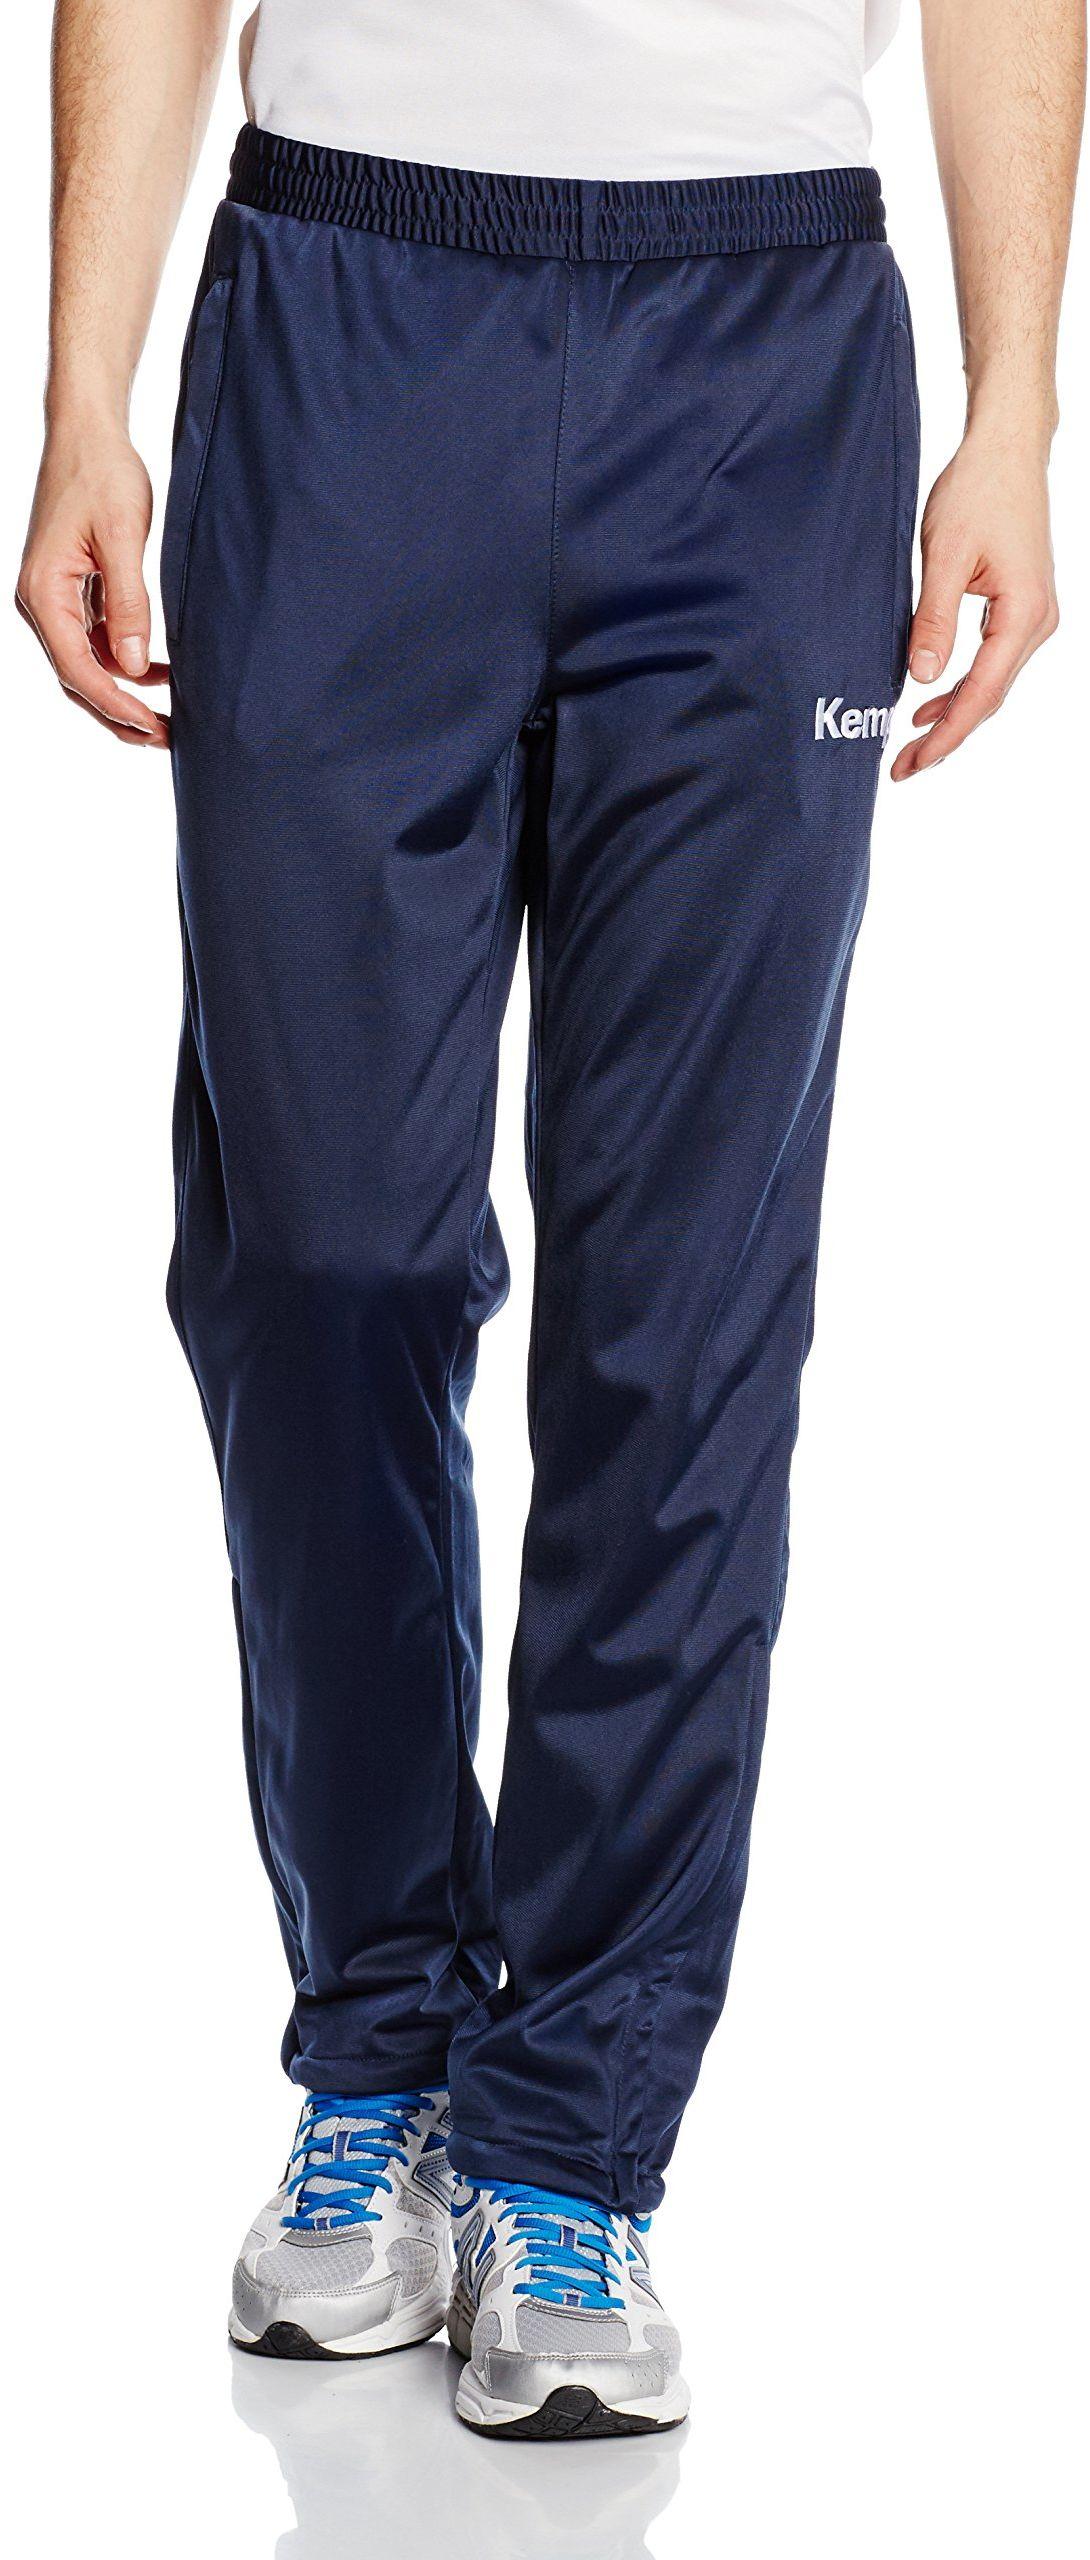 Spodnie Kempa Classic niebieski morski 3XS